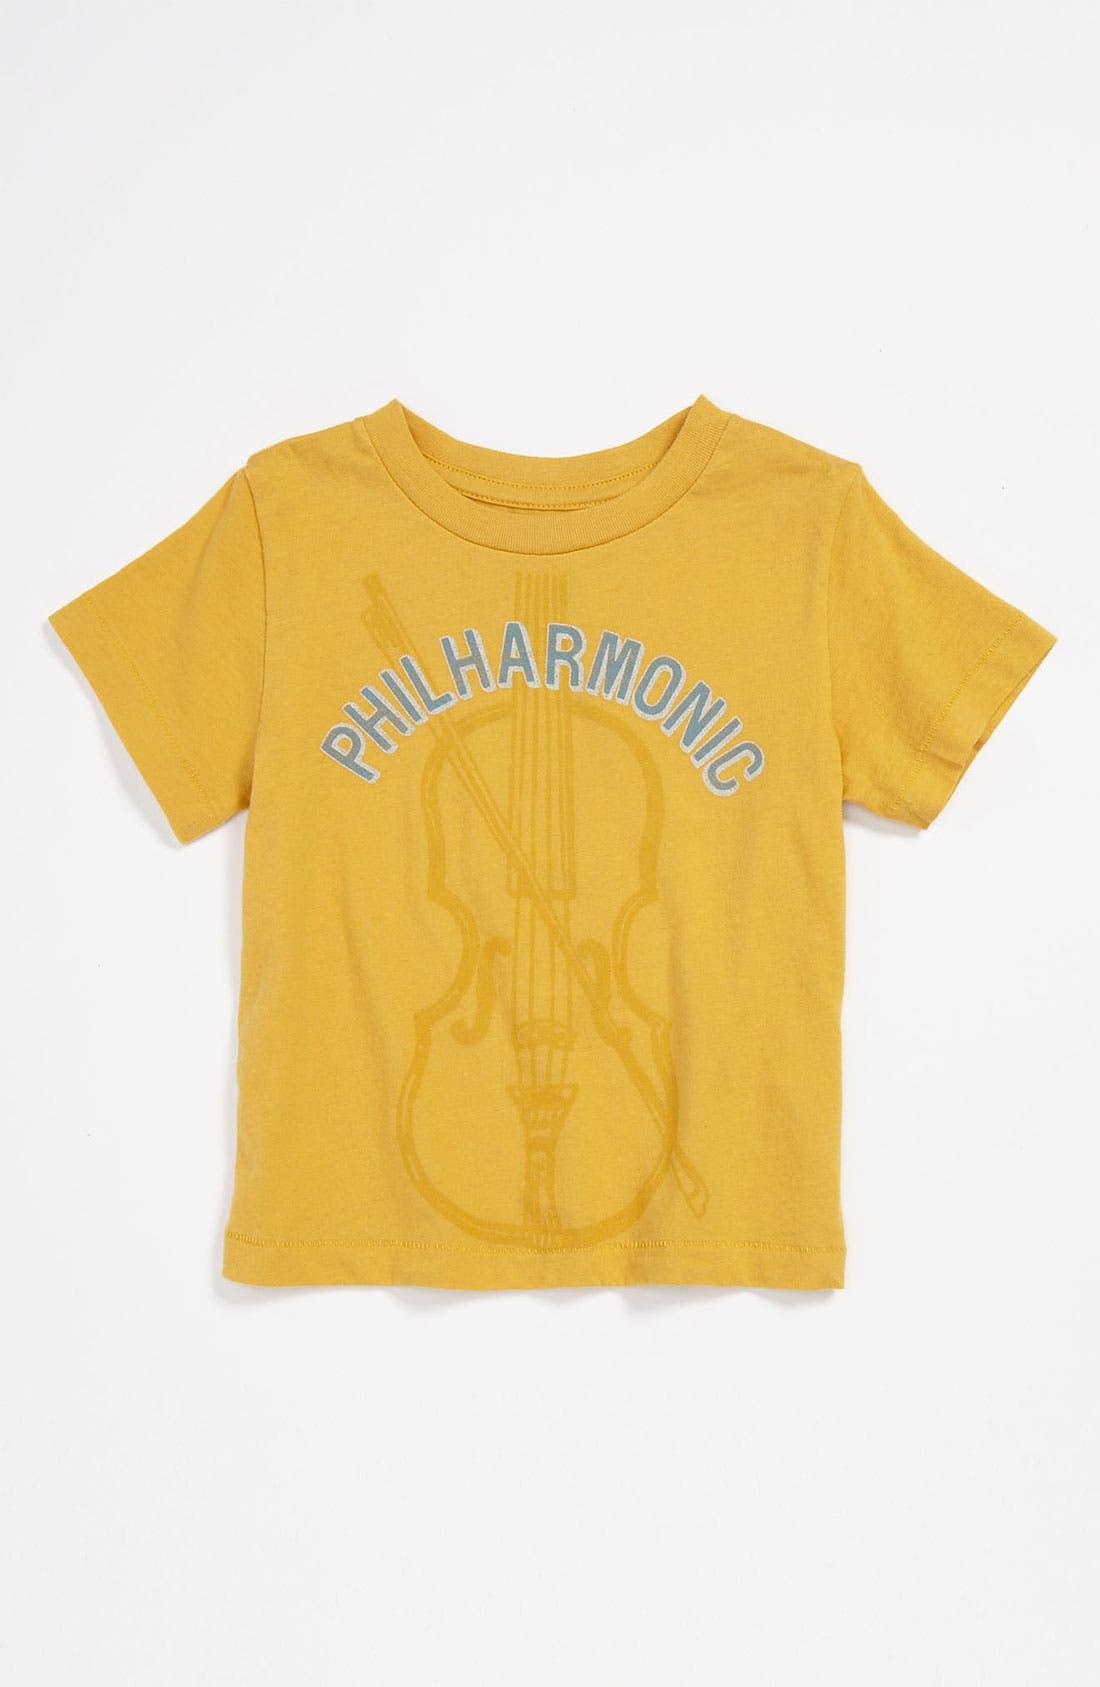 Main Image - Peek 'Philharmonic' T-Shirt (Infant)